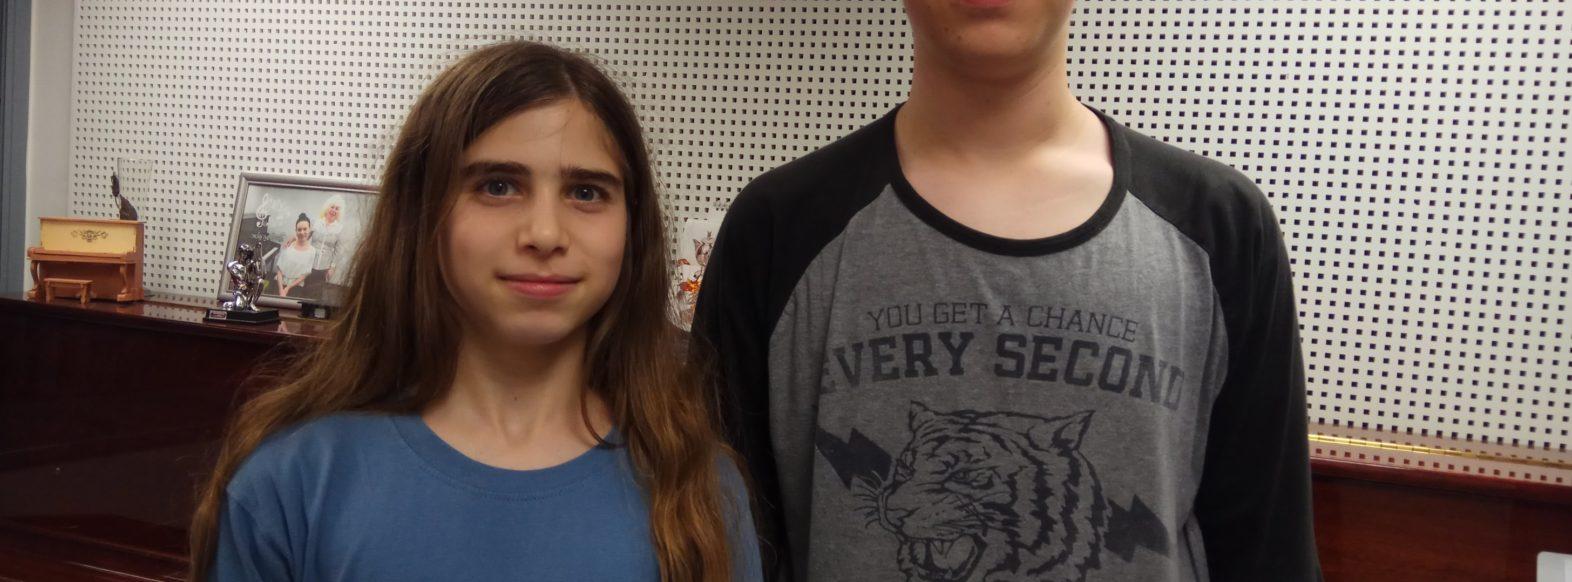 הצלחה מוסיקלית לתלמידי מרכז המוסיקה בקריית אתא